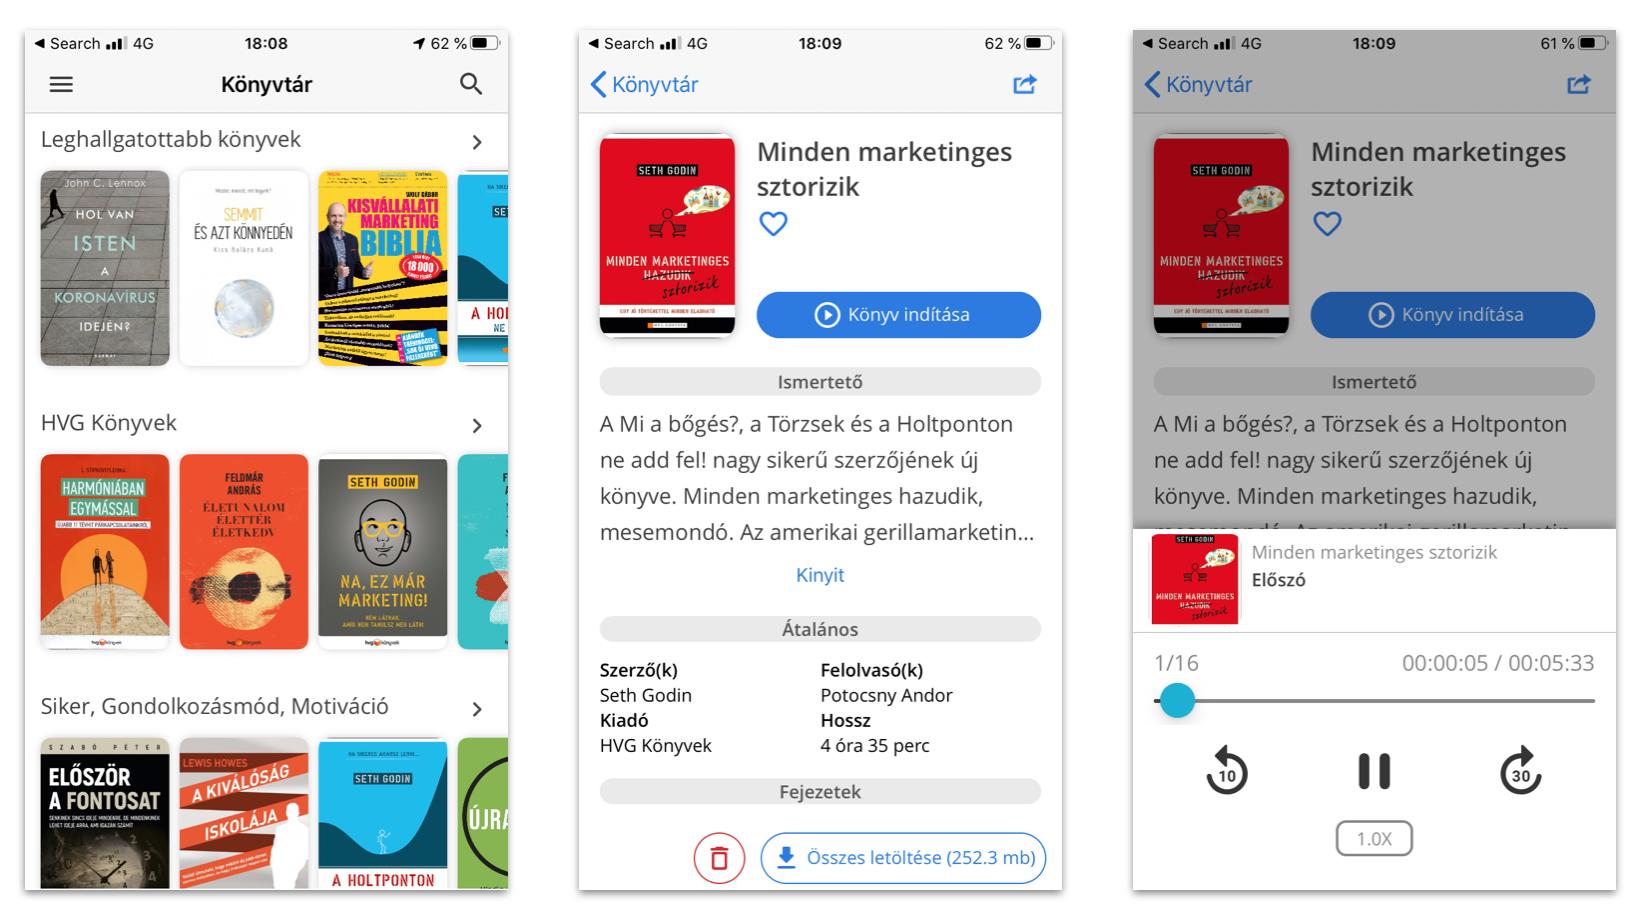 voiz app felület kuponkod felhasználása után